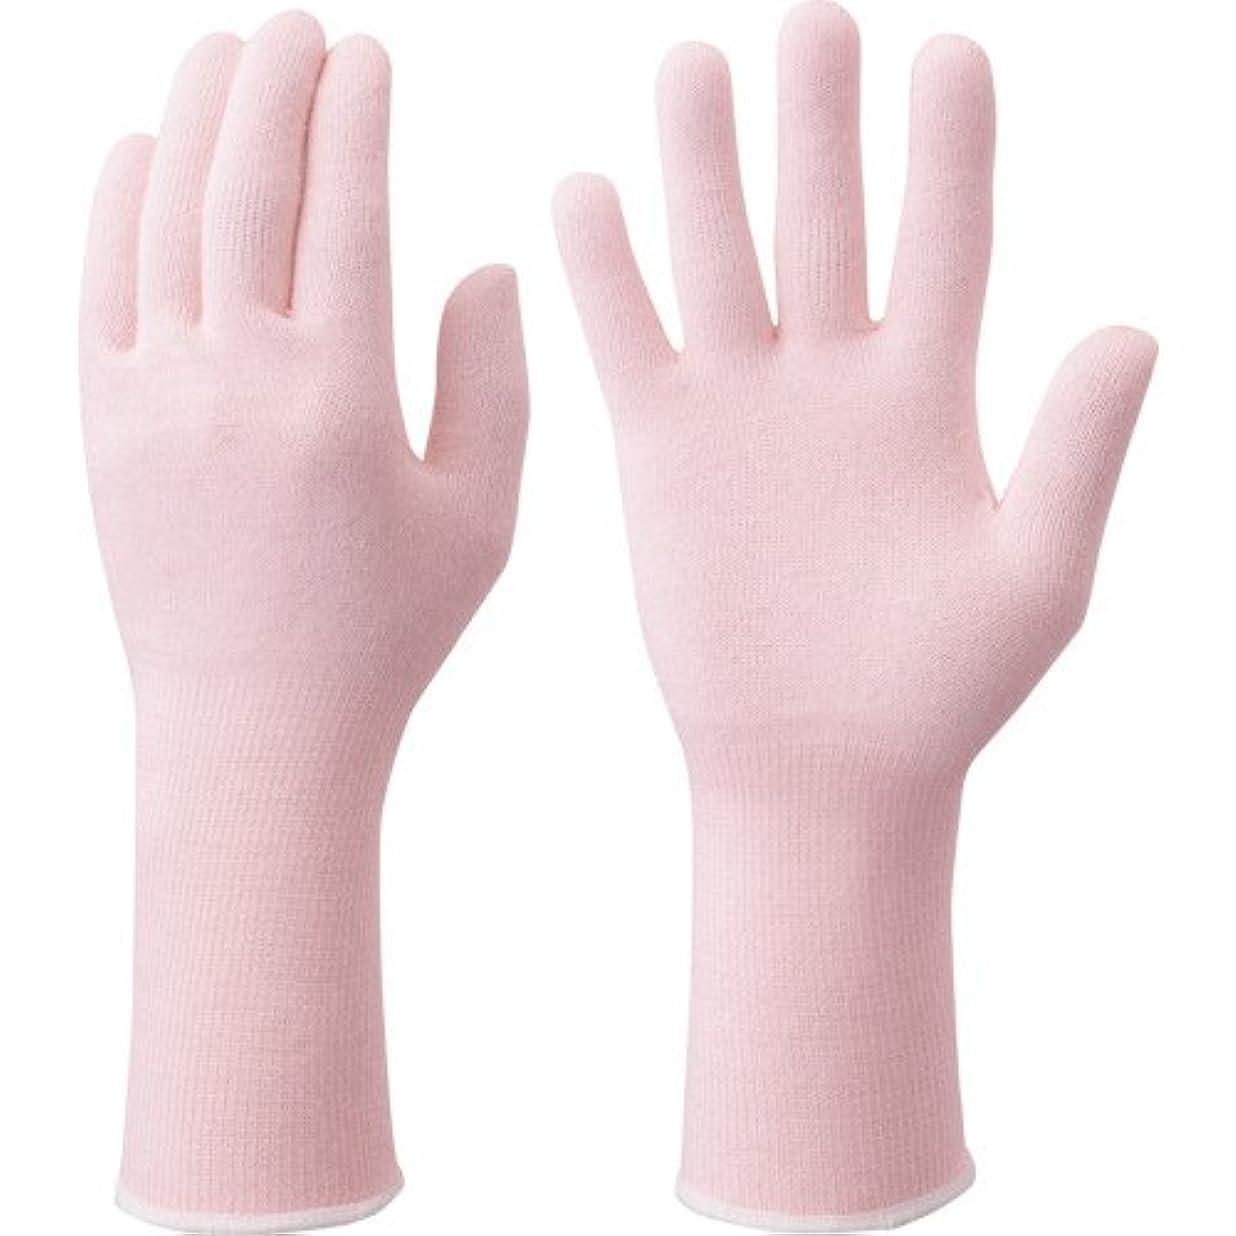 順番ロードブロッキングロンドン手肌をいたわる手袋フリーピンク